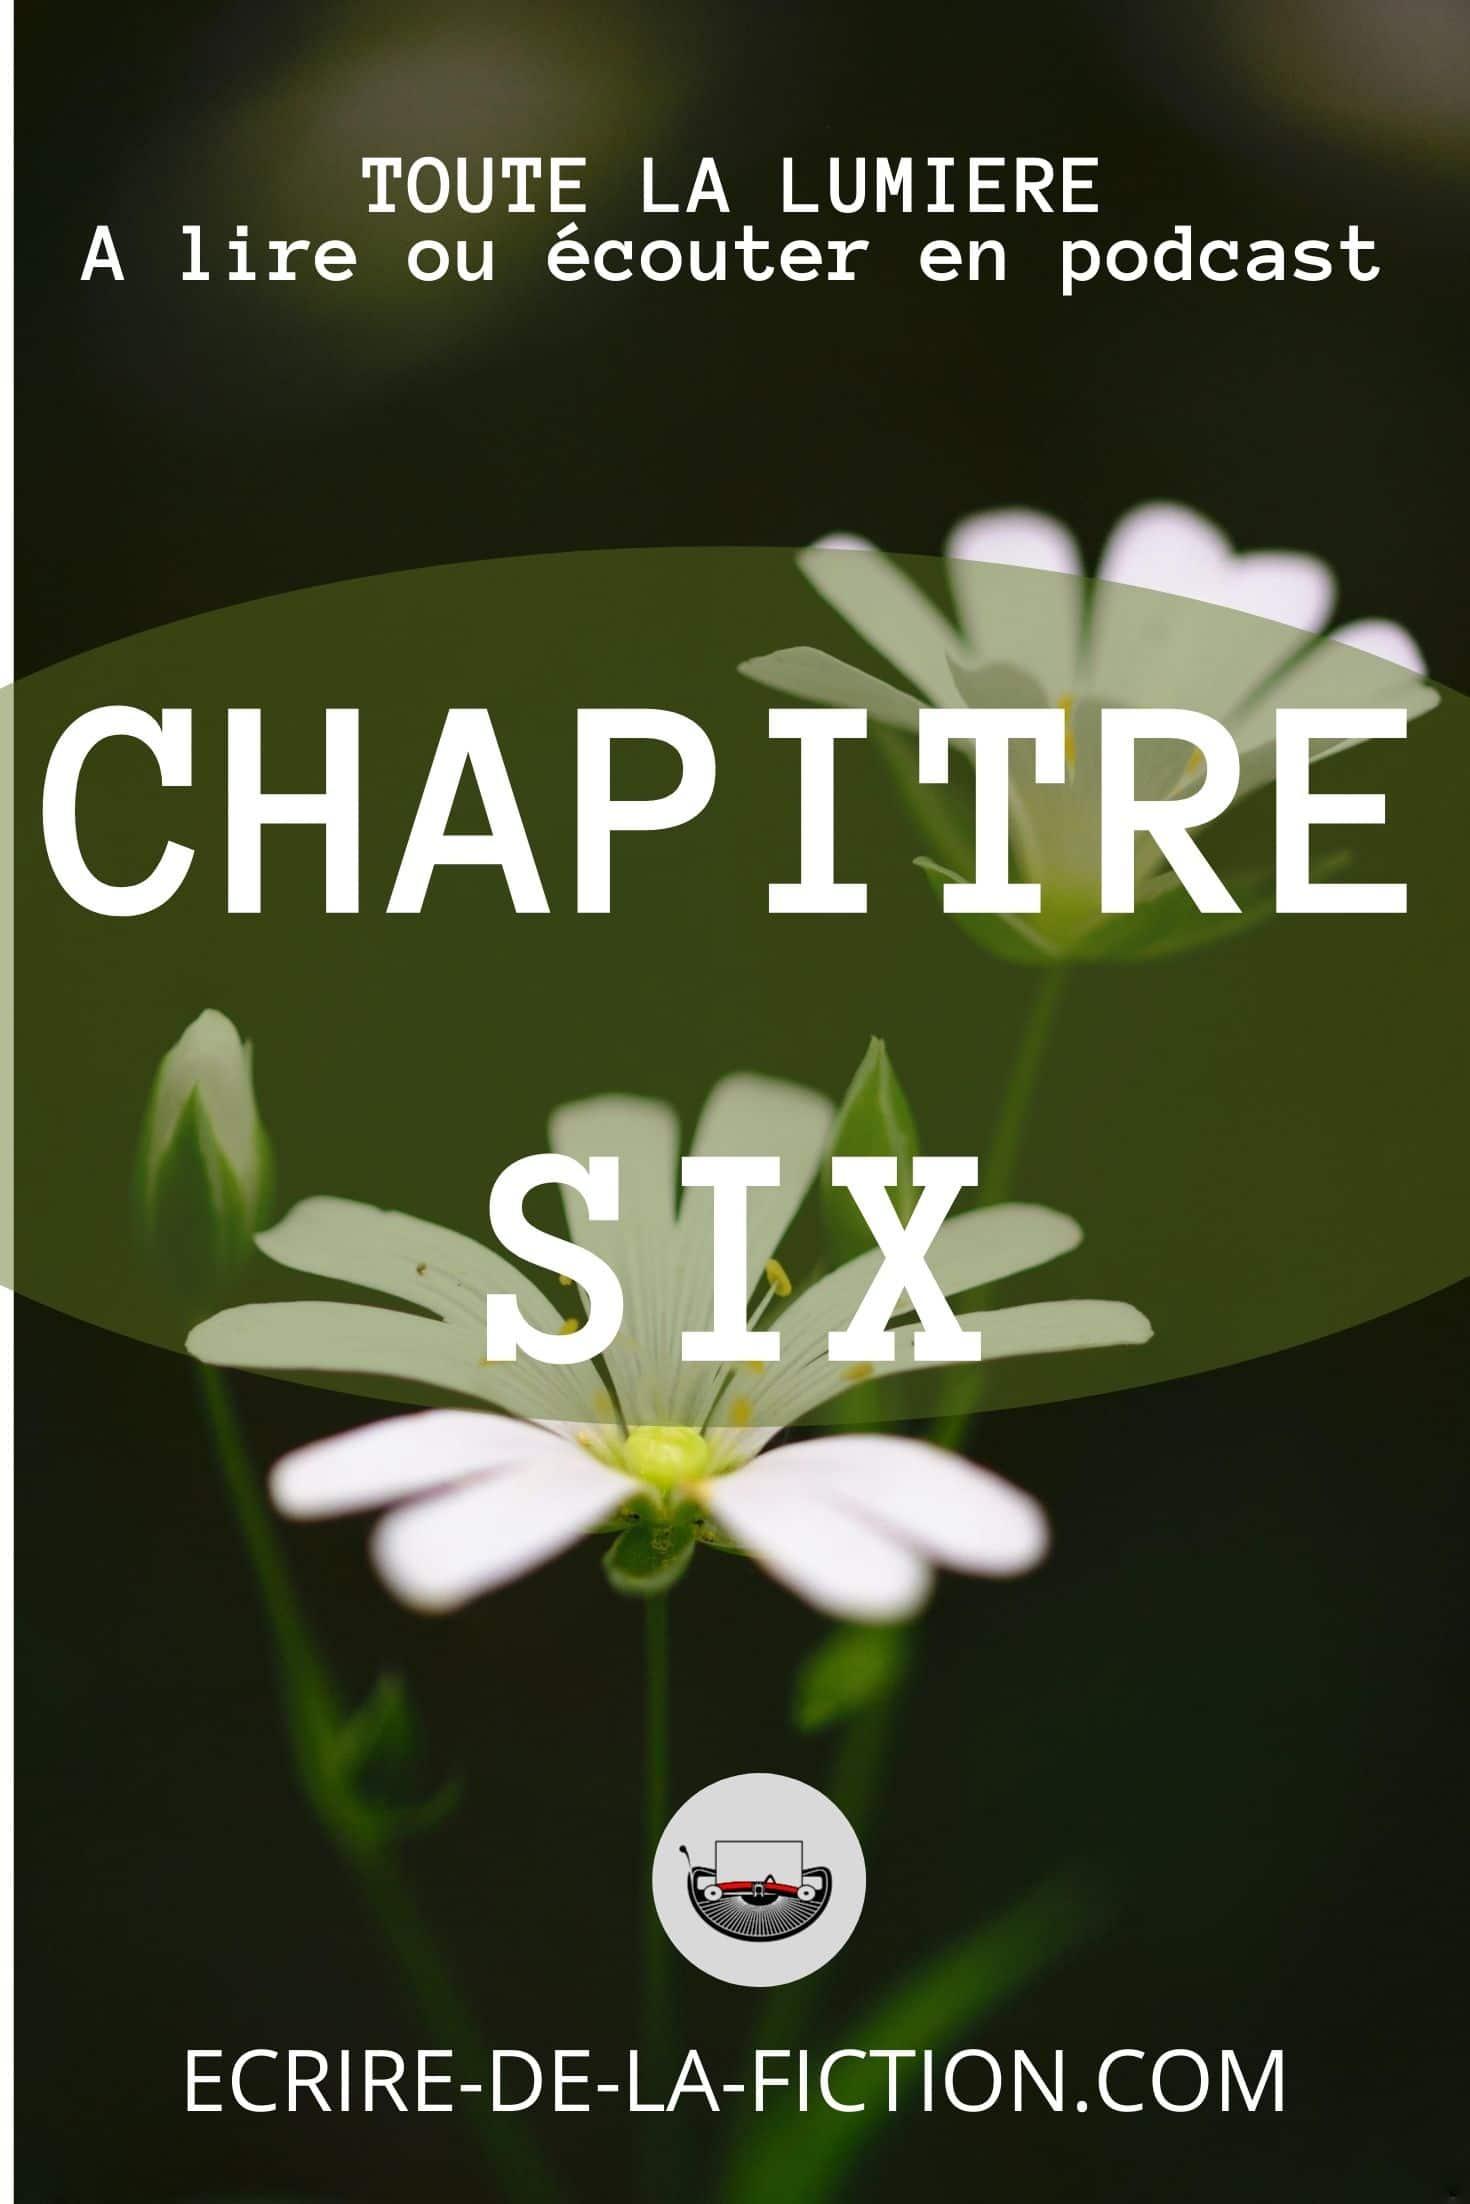 chapitre six marguerites sur fond sombre